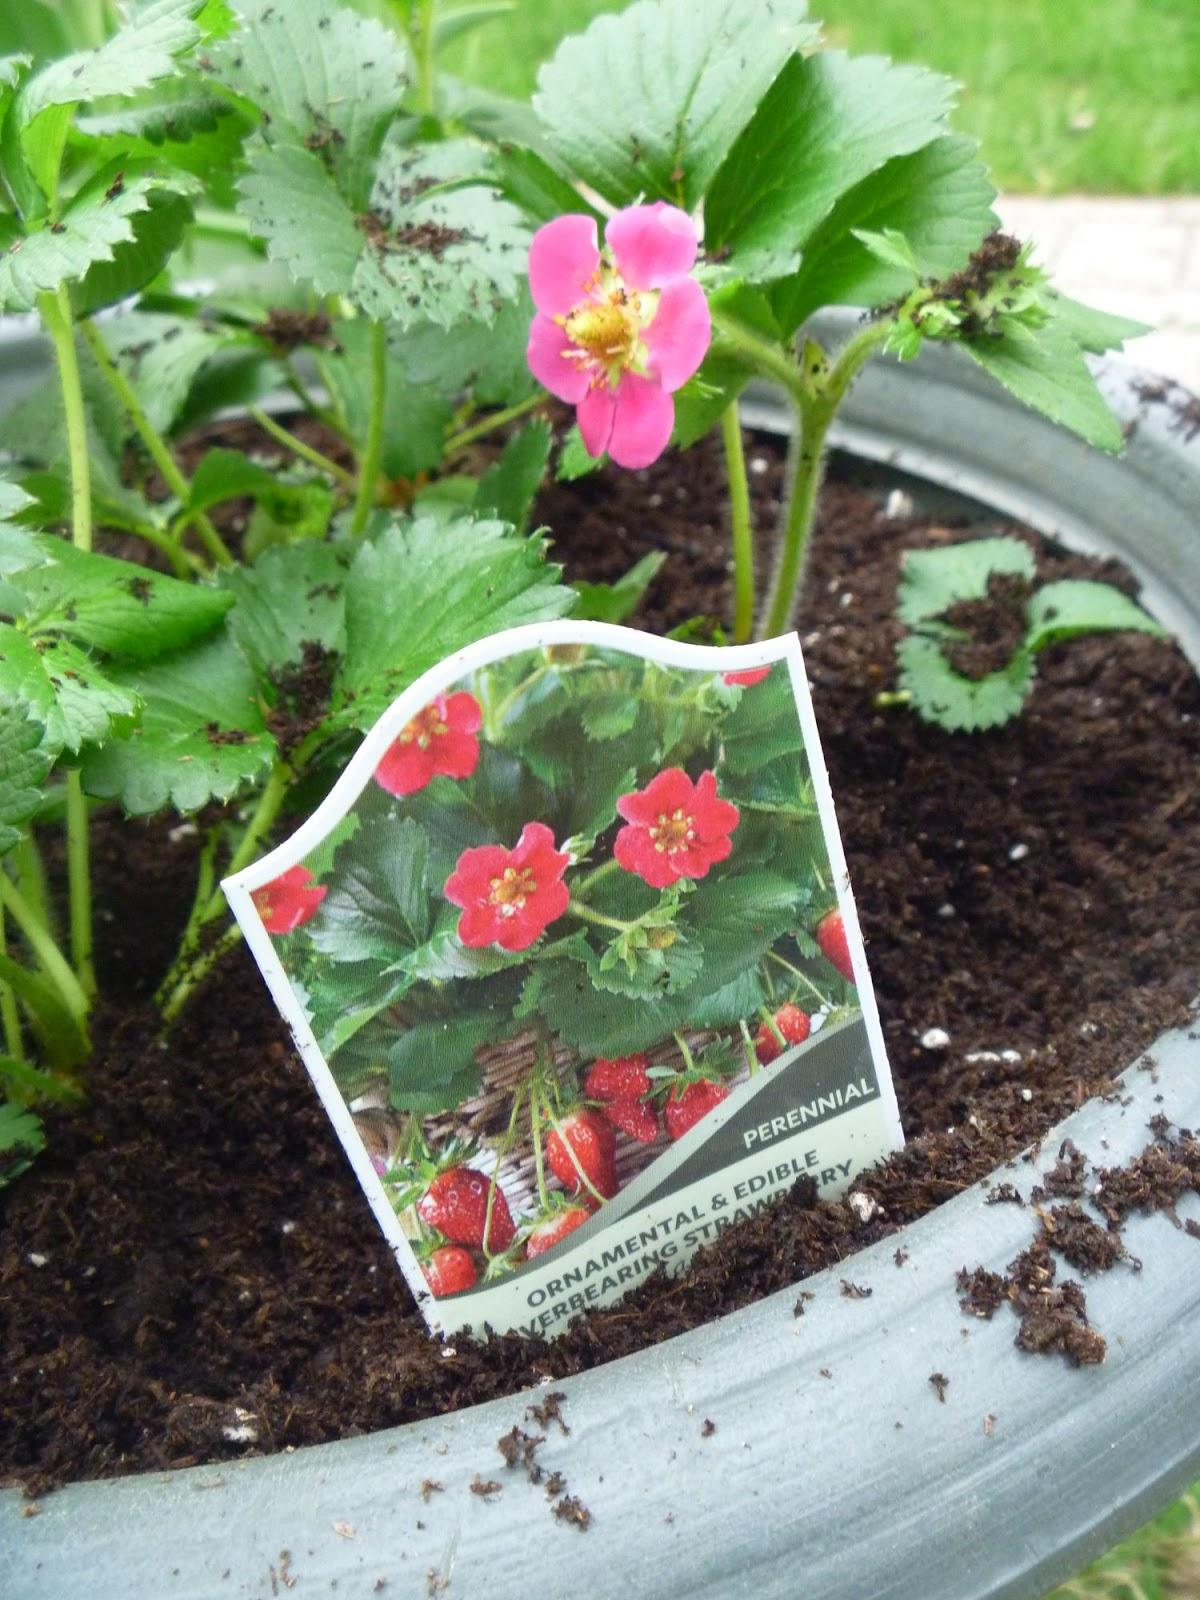 My Homemade Iowa Life Hot Pink Flowering Strawberry